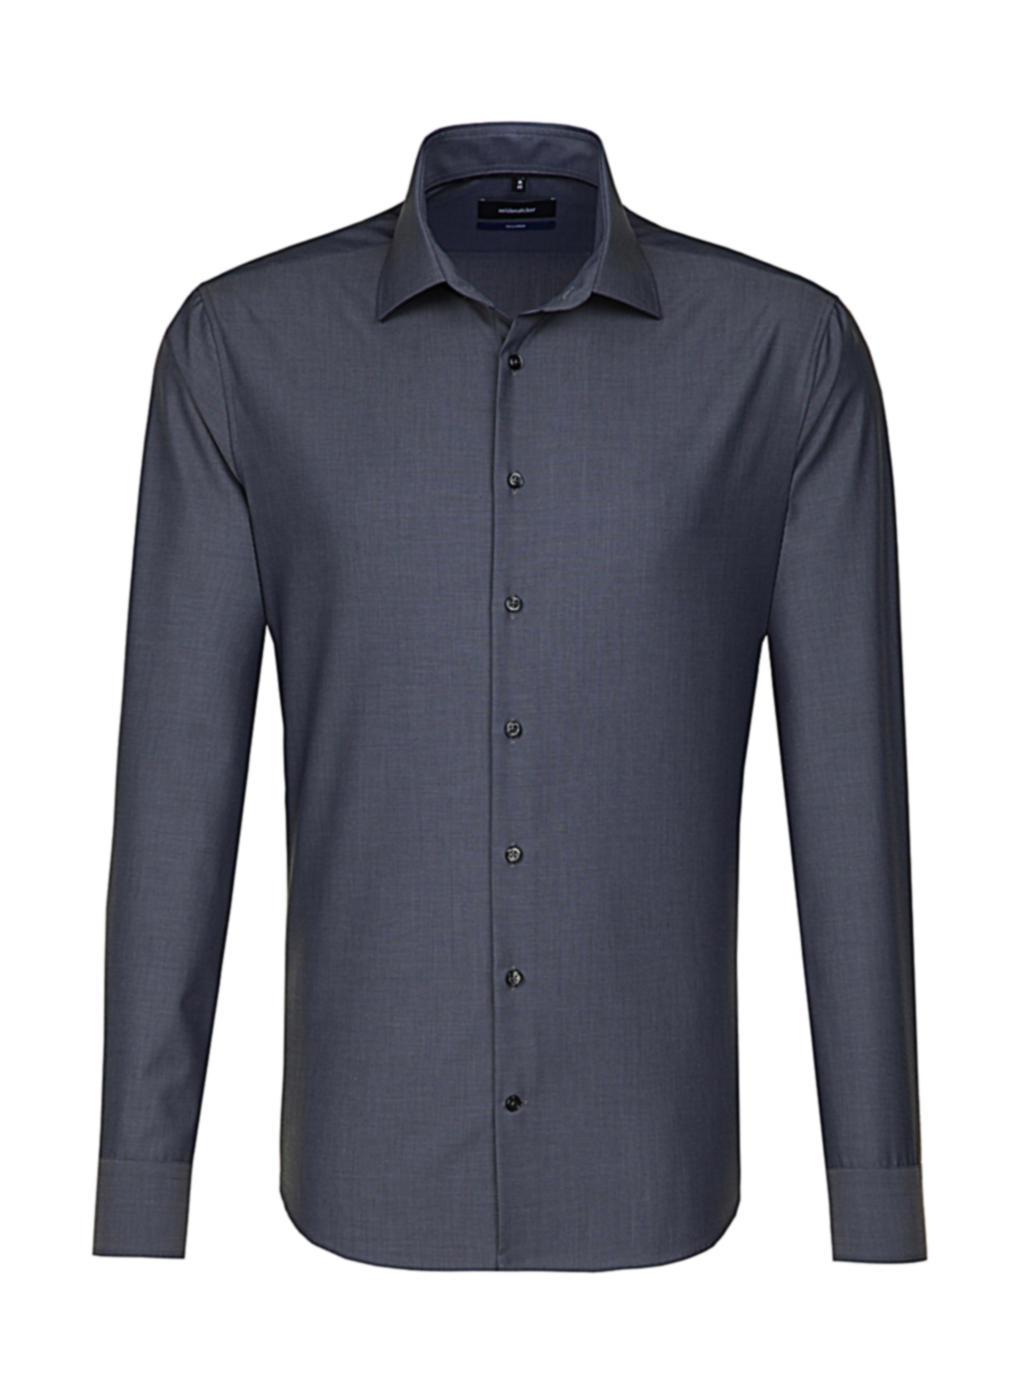 Košile Èerná shaped fit 1/1 Business Kent - zvìtšit obrázek